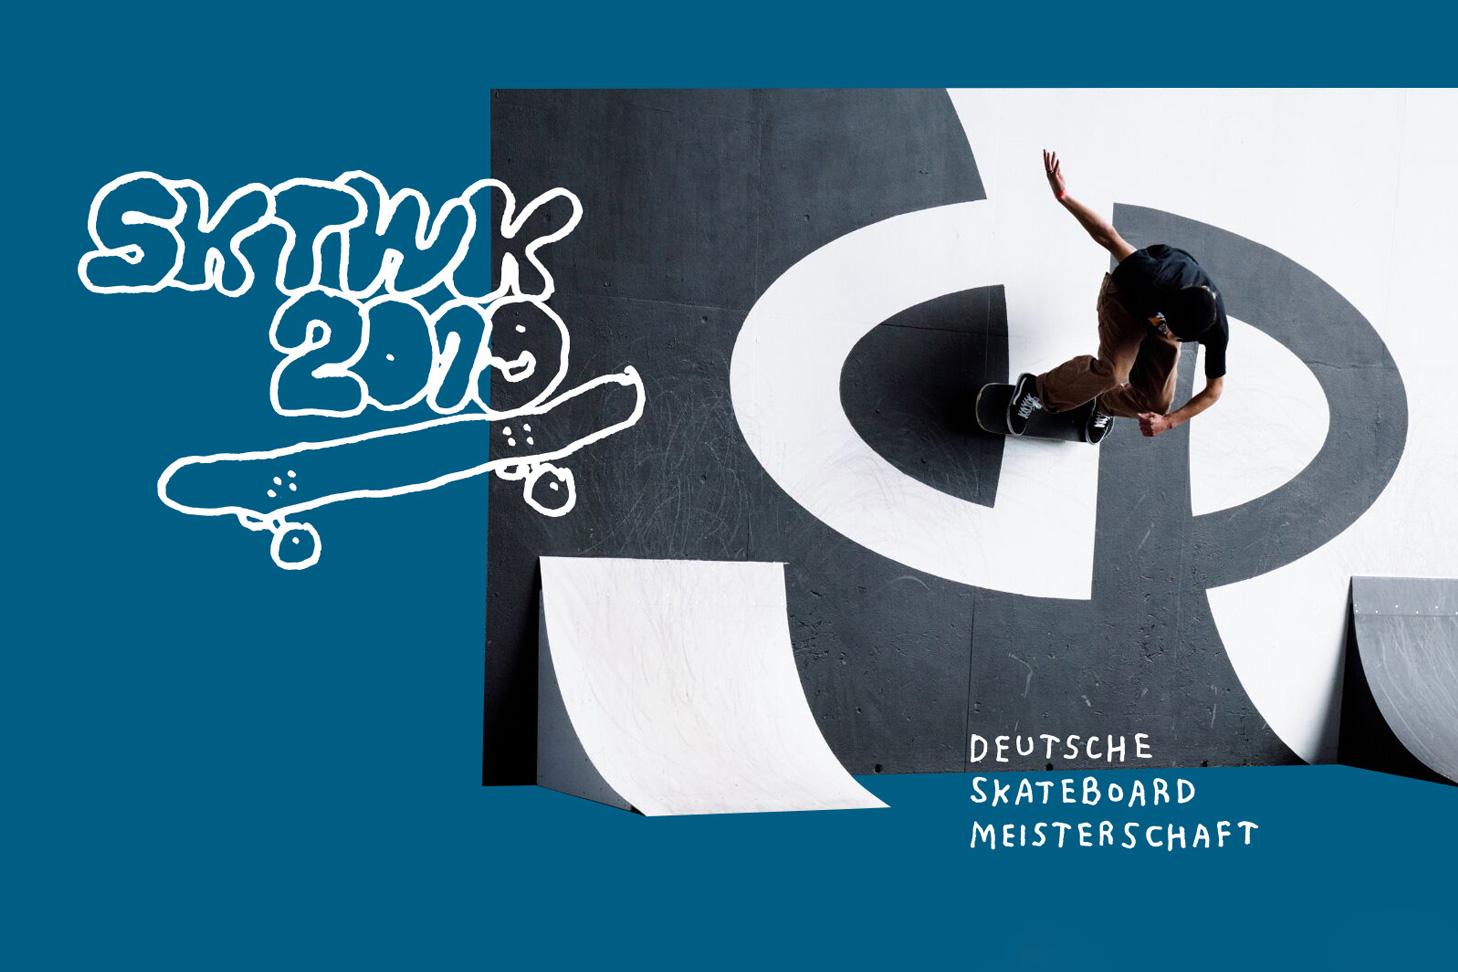 Deutsche Skateboard Meisterschaft 2019